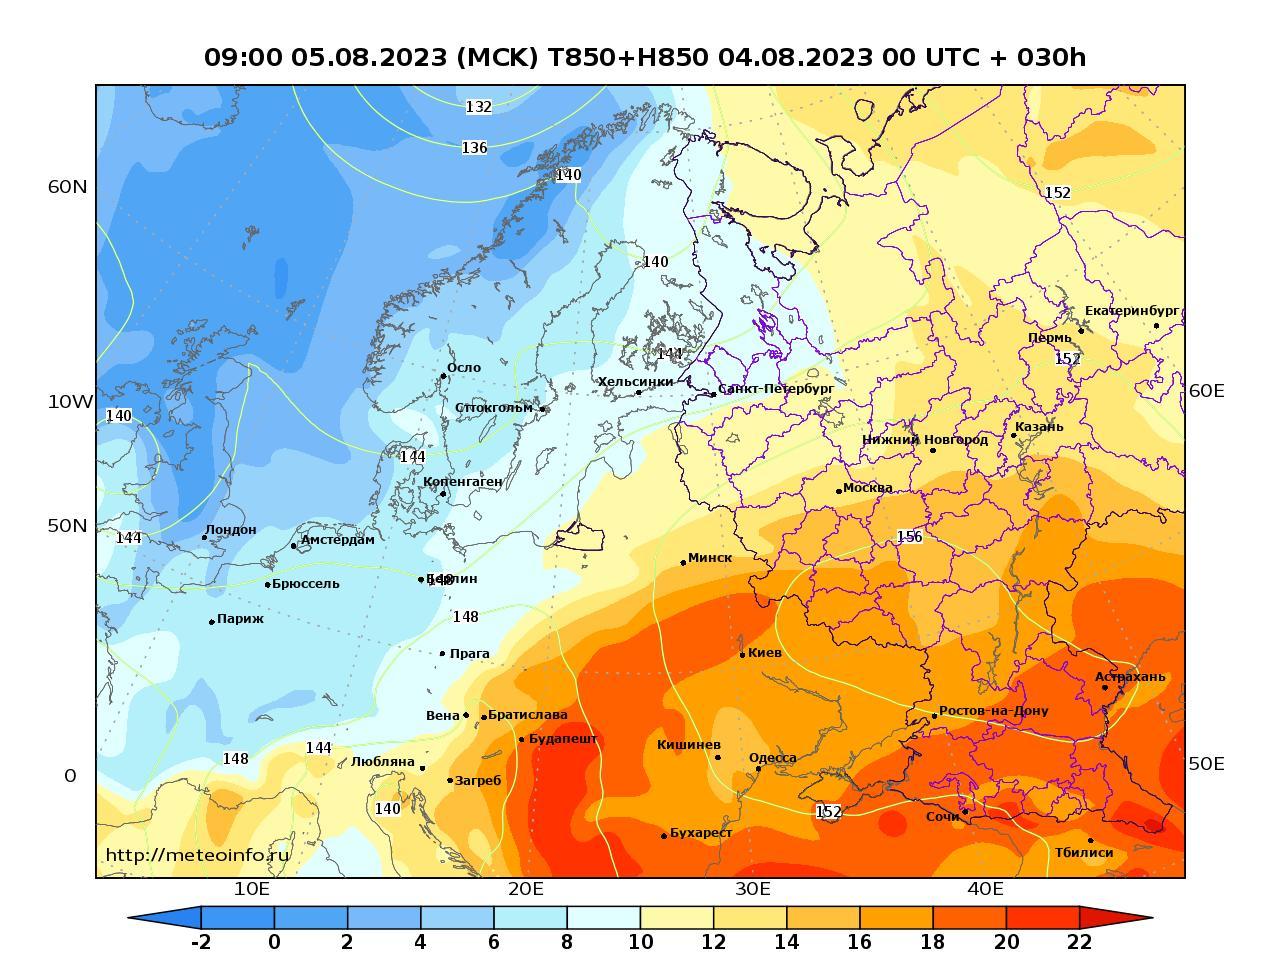 Европейская территория России, прогностическая карта температура T850 и геопотенциал H850, заблаговременность прогноза 30 часов